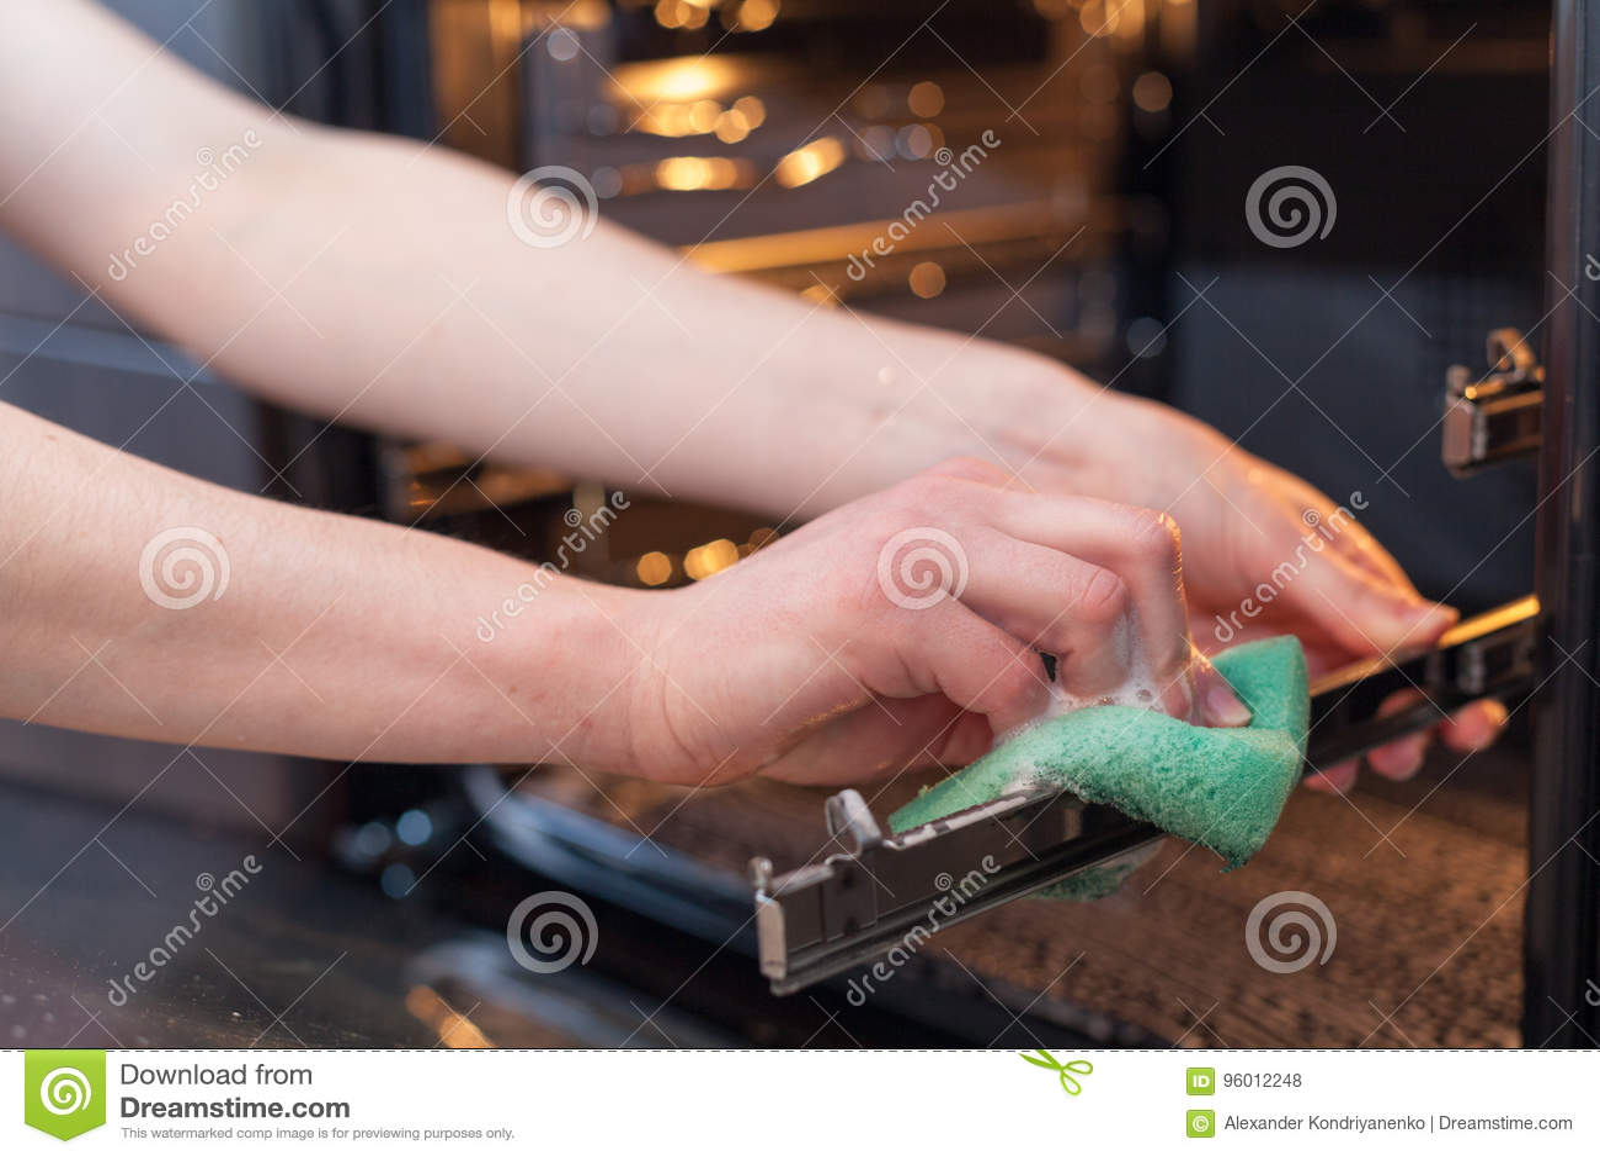 Sprzątania i housekeeping pojęcie Szorować piekarnika i kuchenkę Zakończenie up żeńska ręka z zieloną gąbką czyści kuchnię